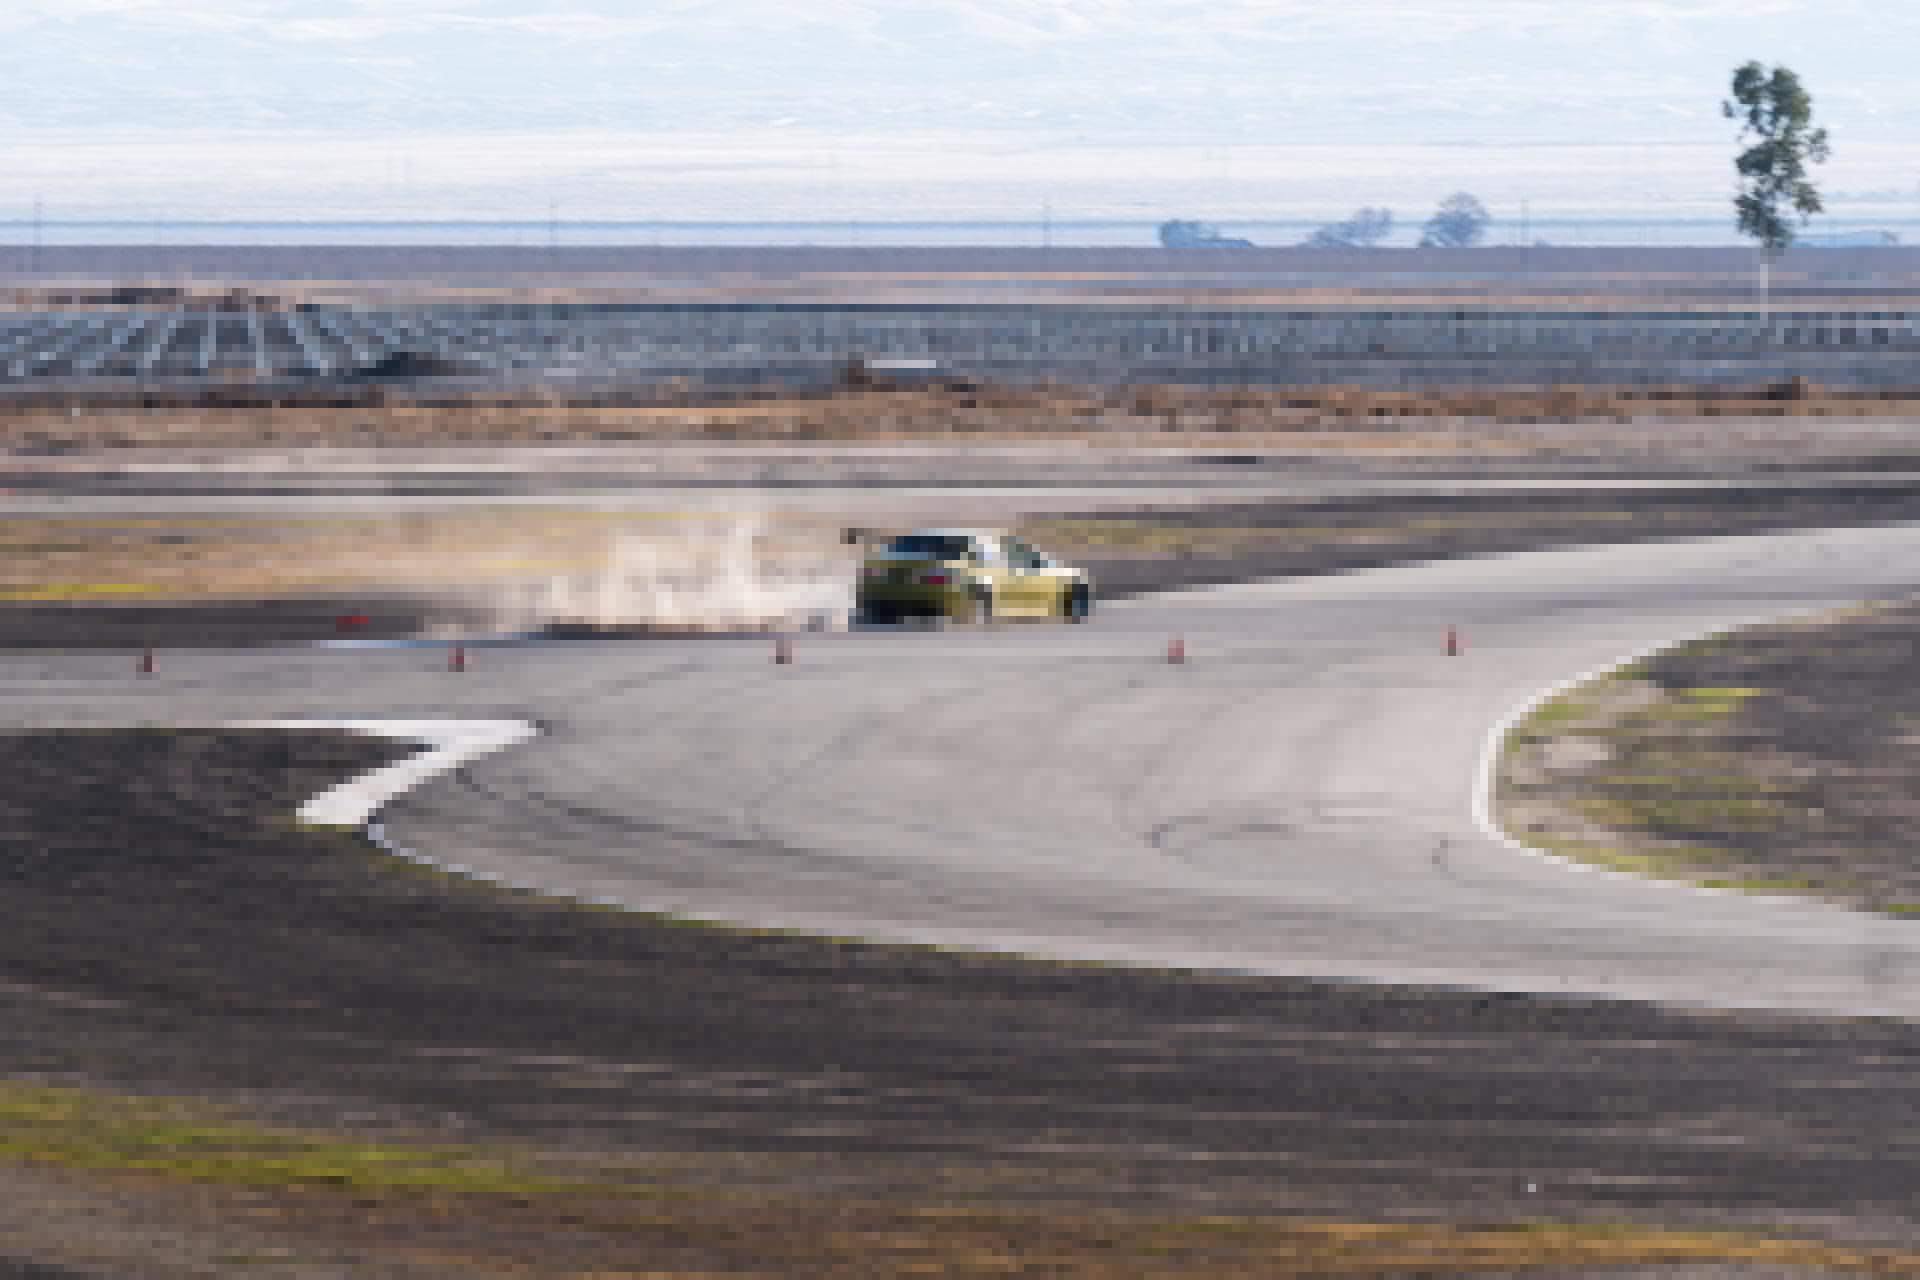 Bimmer Challenge - Buttonwillow Raceway